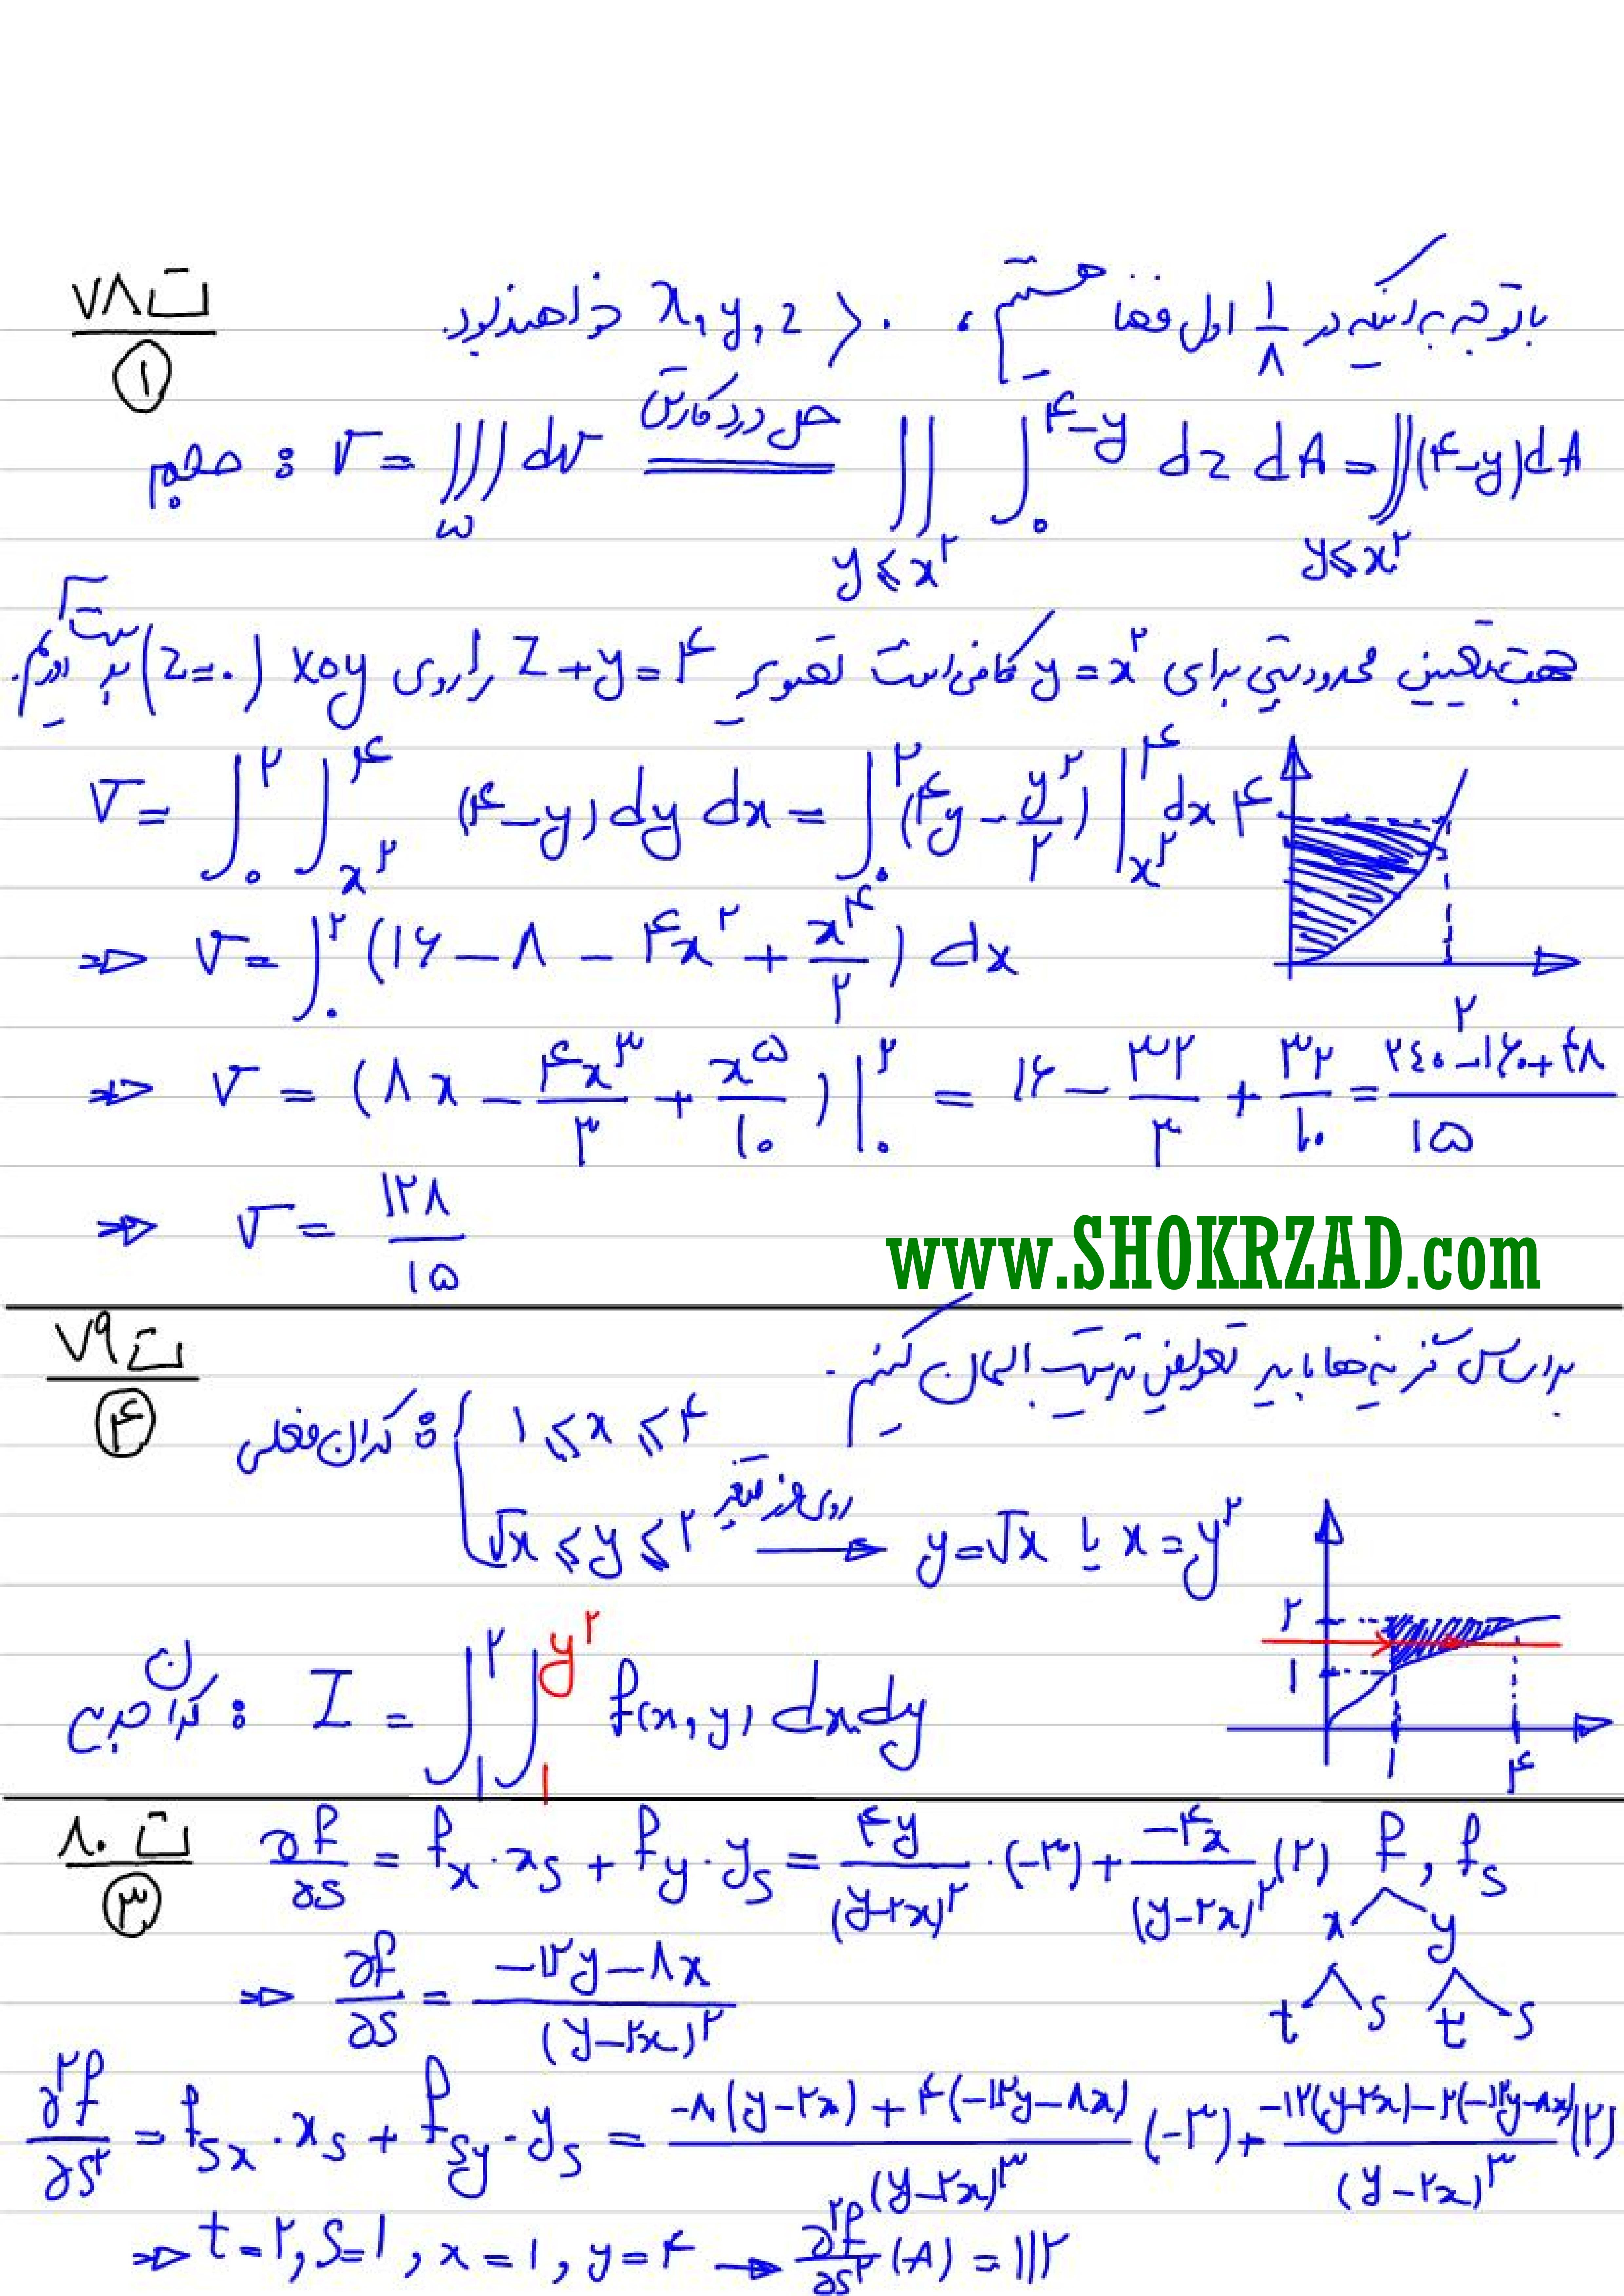 پاسخنامه تشریحی ریاضی عمومی کنکور ارشد فلسفه علم 94